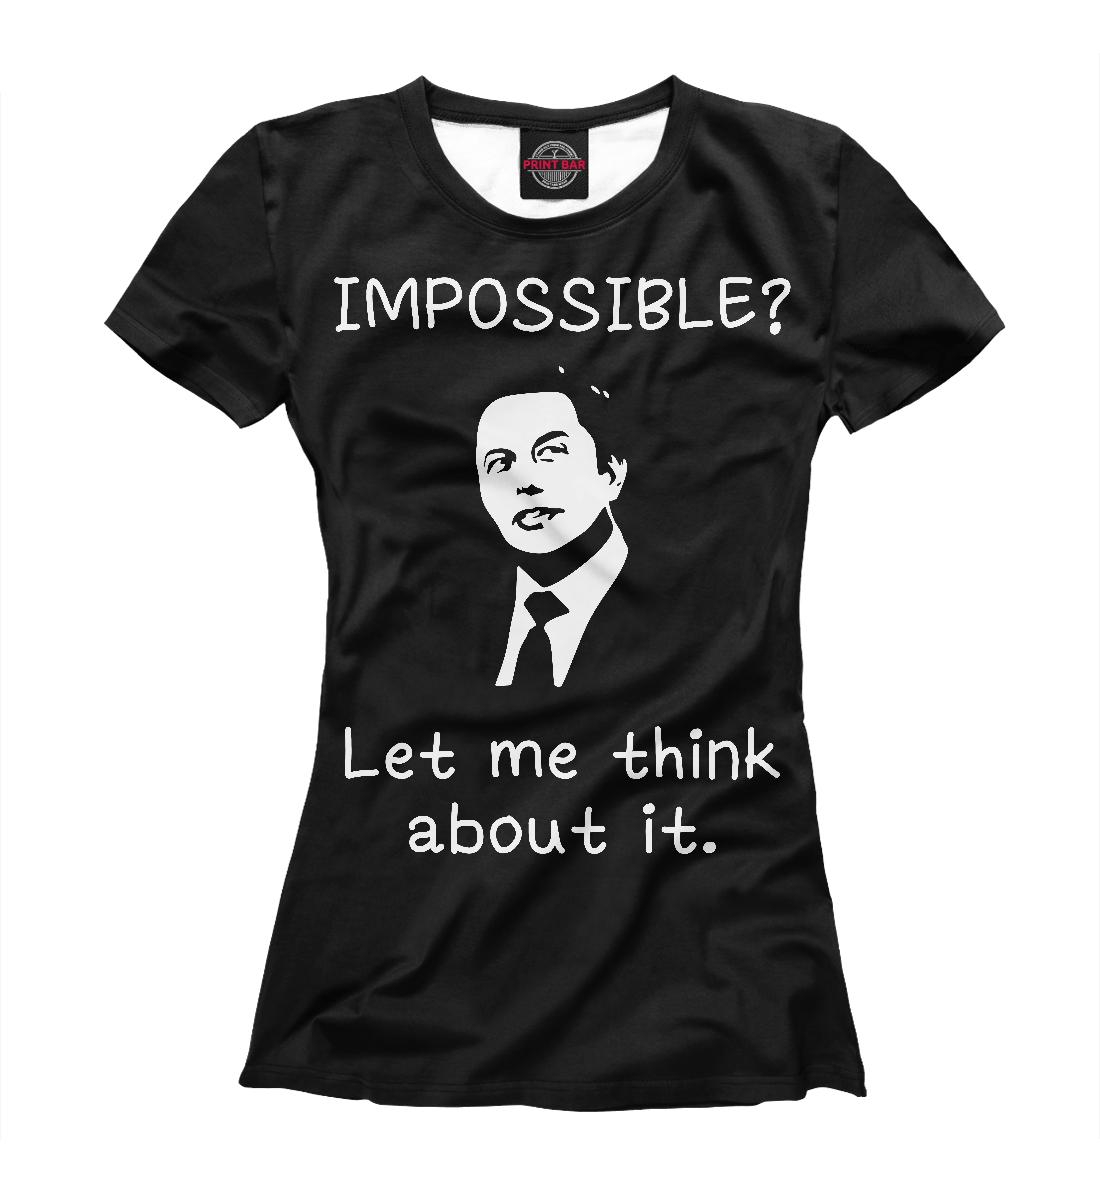 Купить Невозможно? Дайте поразмышлять, Printbar, Футболки, NDP-259292-fut-1